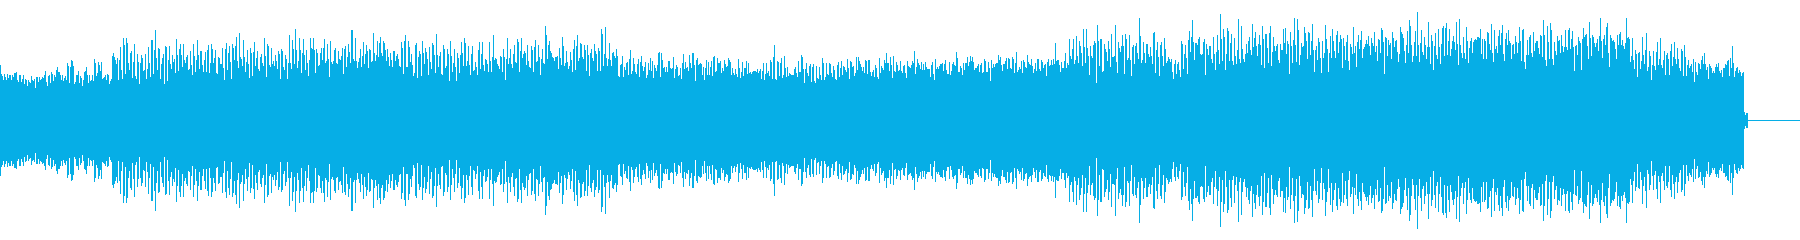 パワフルで乱暴な感じのテクノサウンドの再生済みの波形